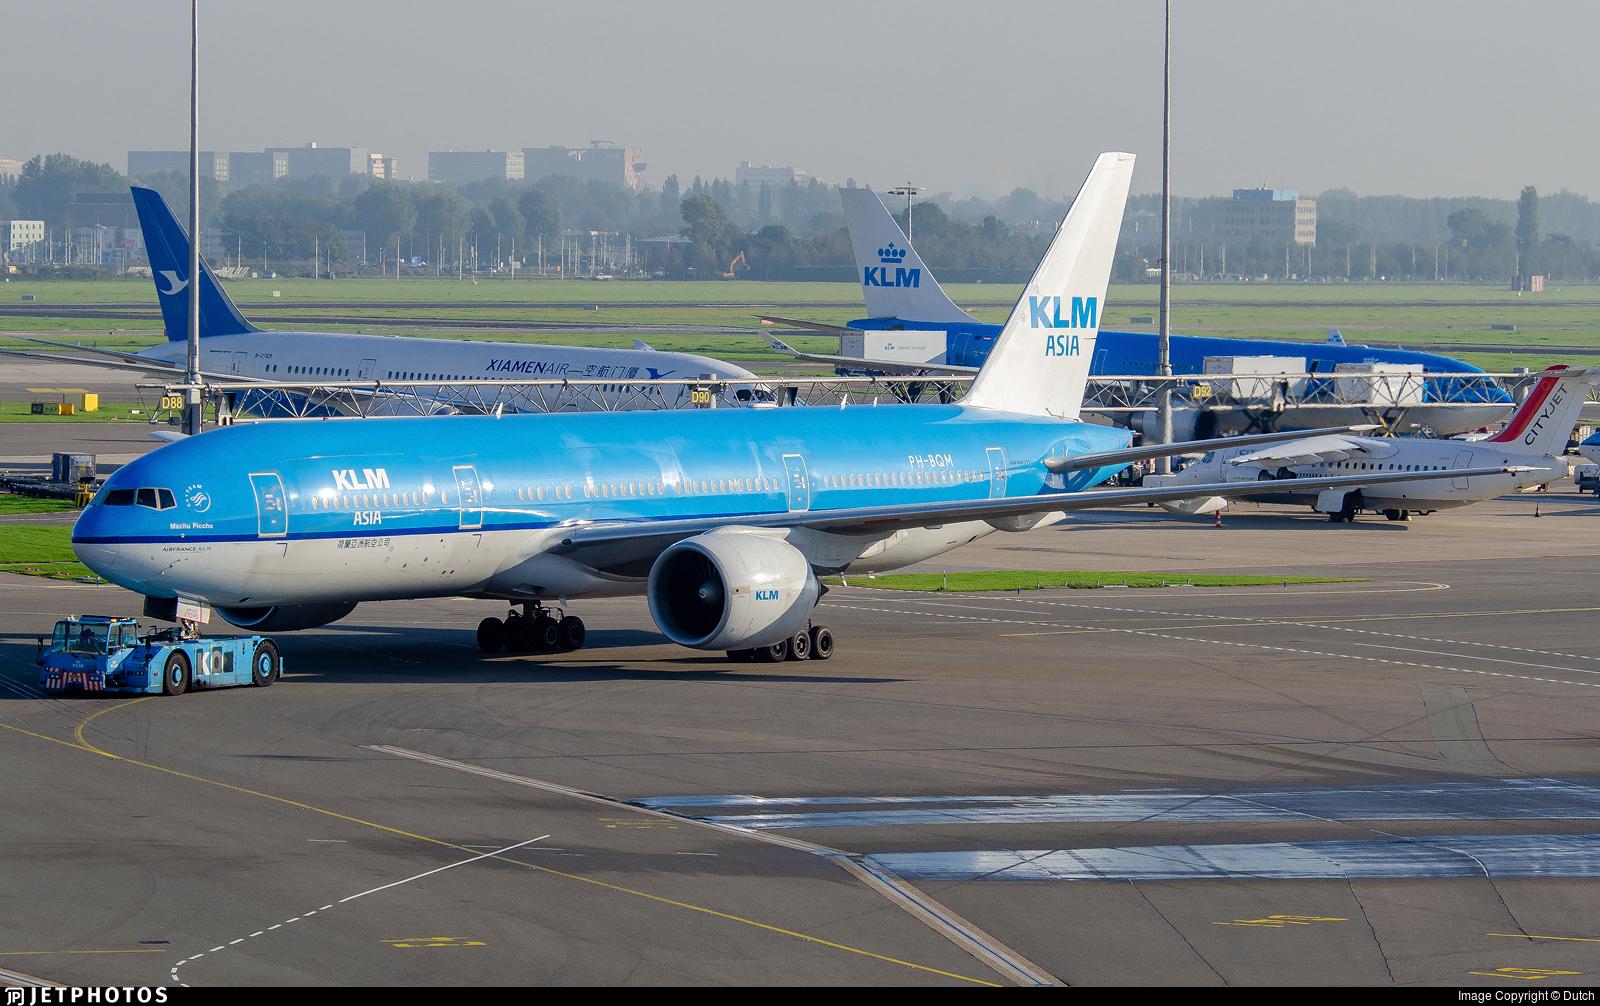 PH-BQM - Boeing 777-206(ER) - KLM Asia